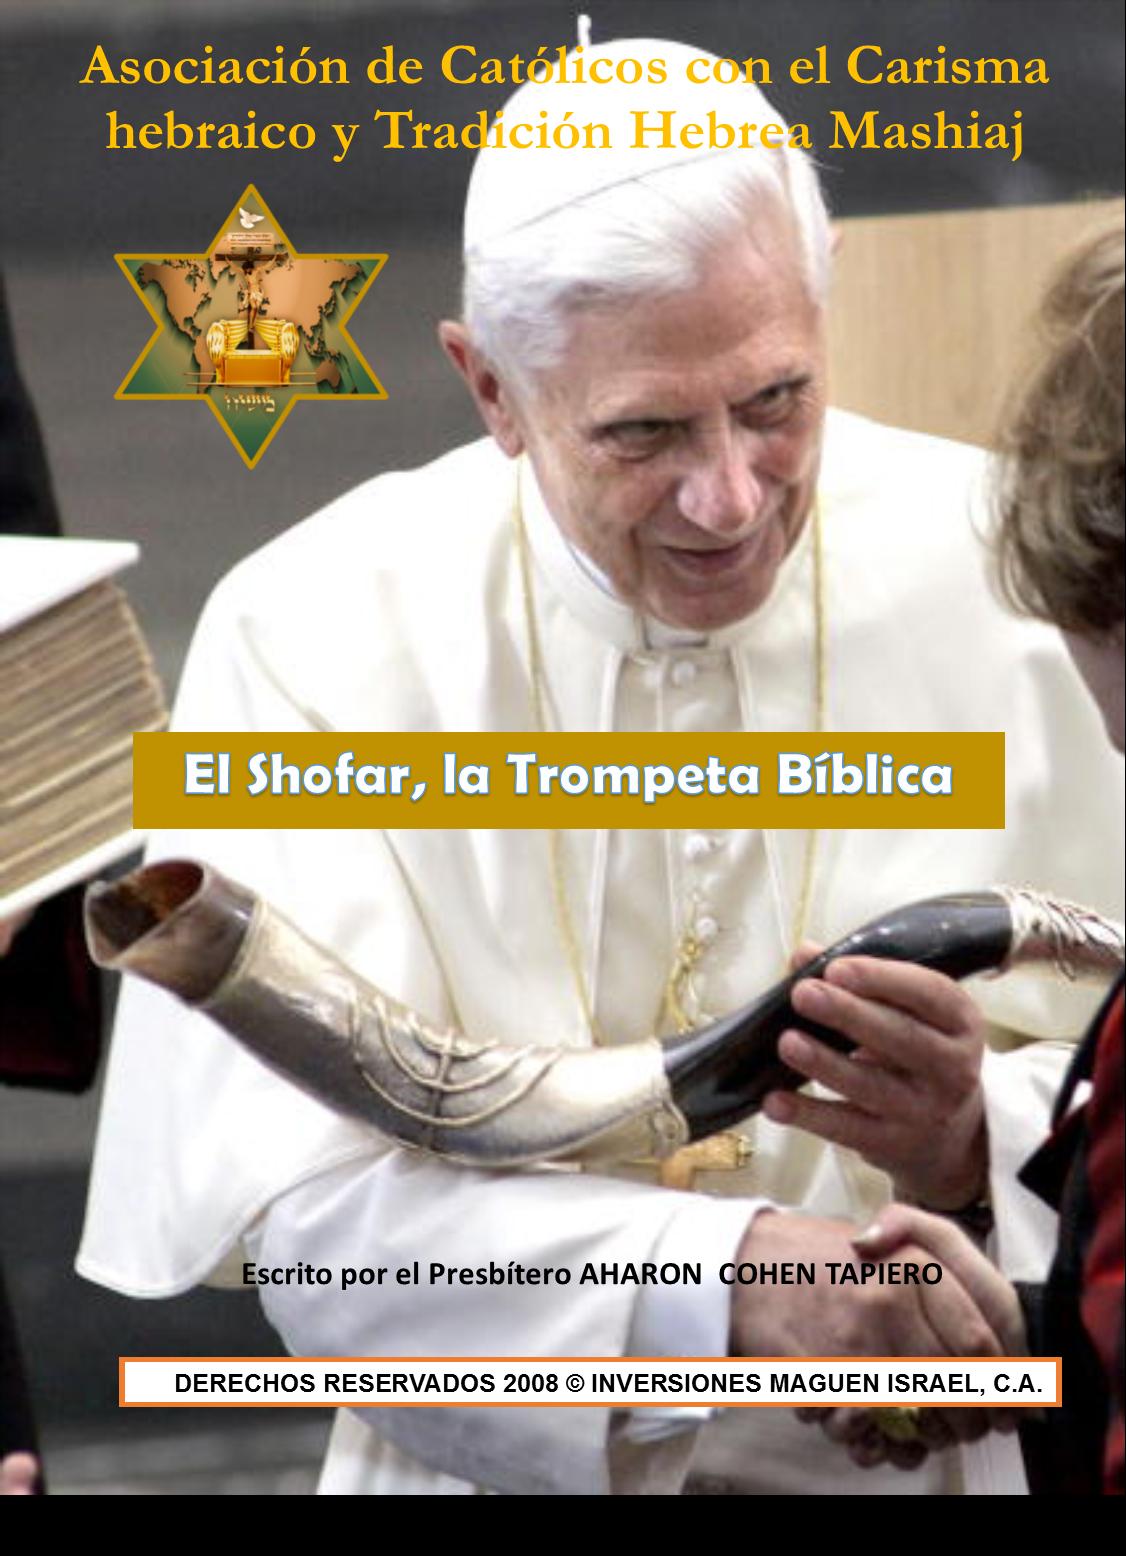 EL SHOFAR, LA TROMPETA BIBLICA